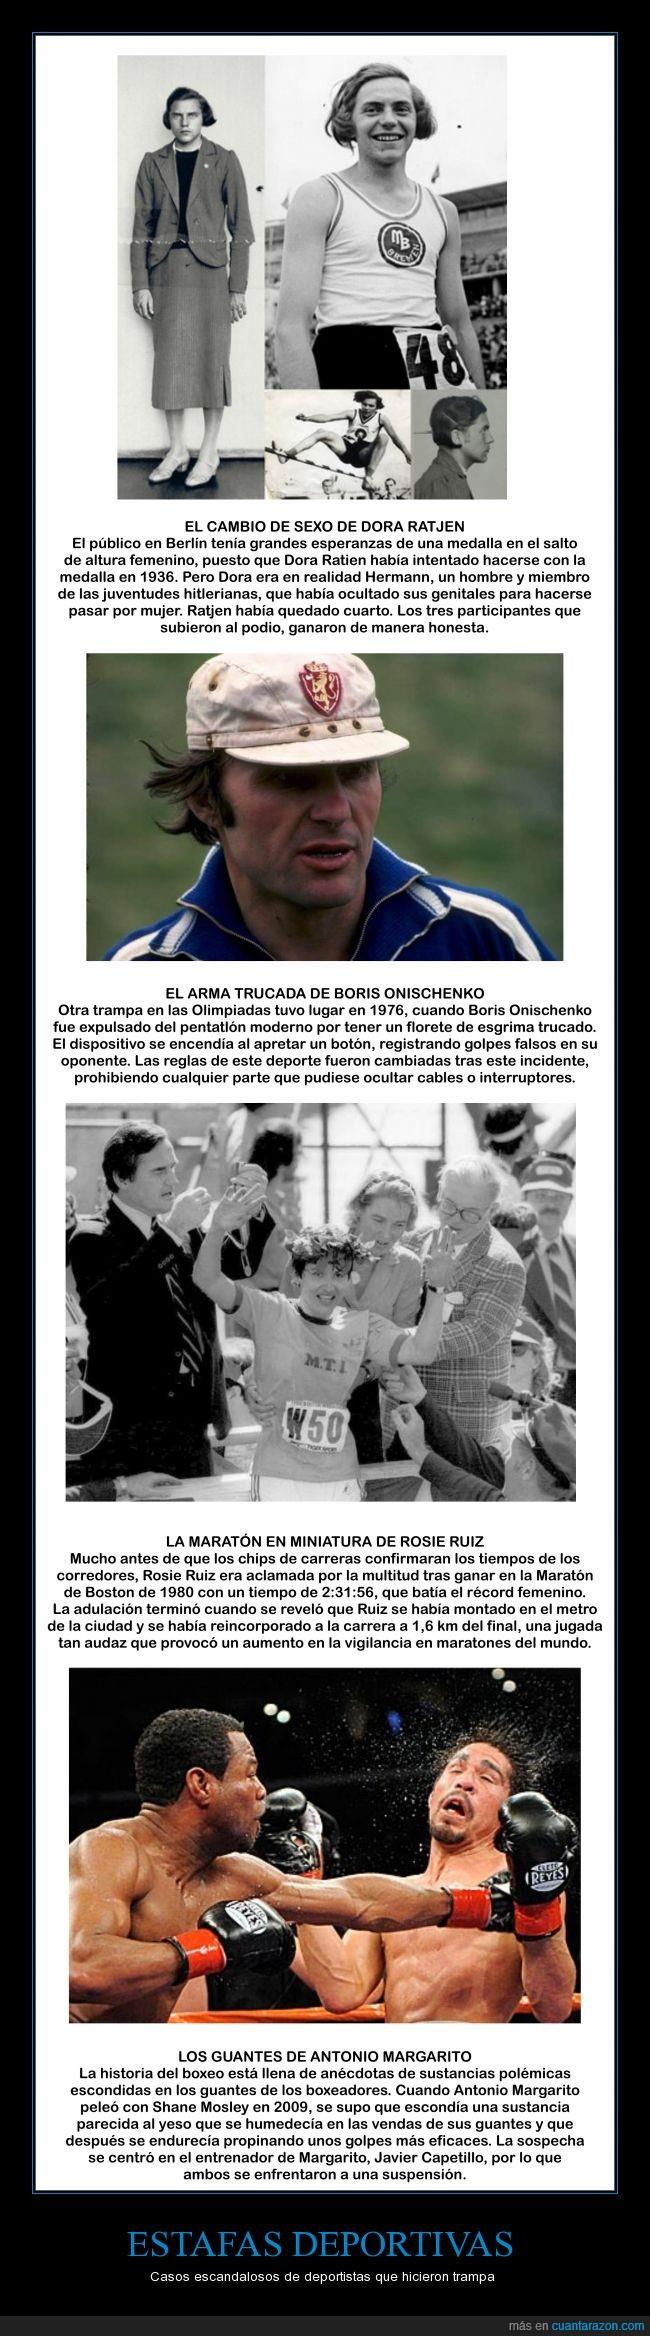 1936,1976,1980,2009,Antonio Margarito,Boris Onischenko,Box,Dora Ratjen,maraton de Boston,metro,olimpiadas,pentatlón moderno,Rosie Ruiz,salto de altura,Shane Mosley,yeso